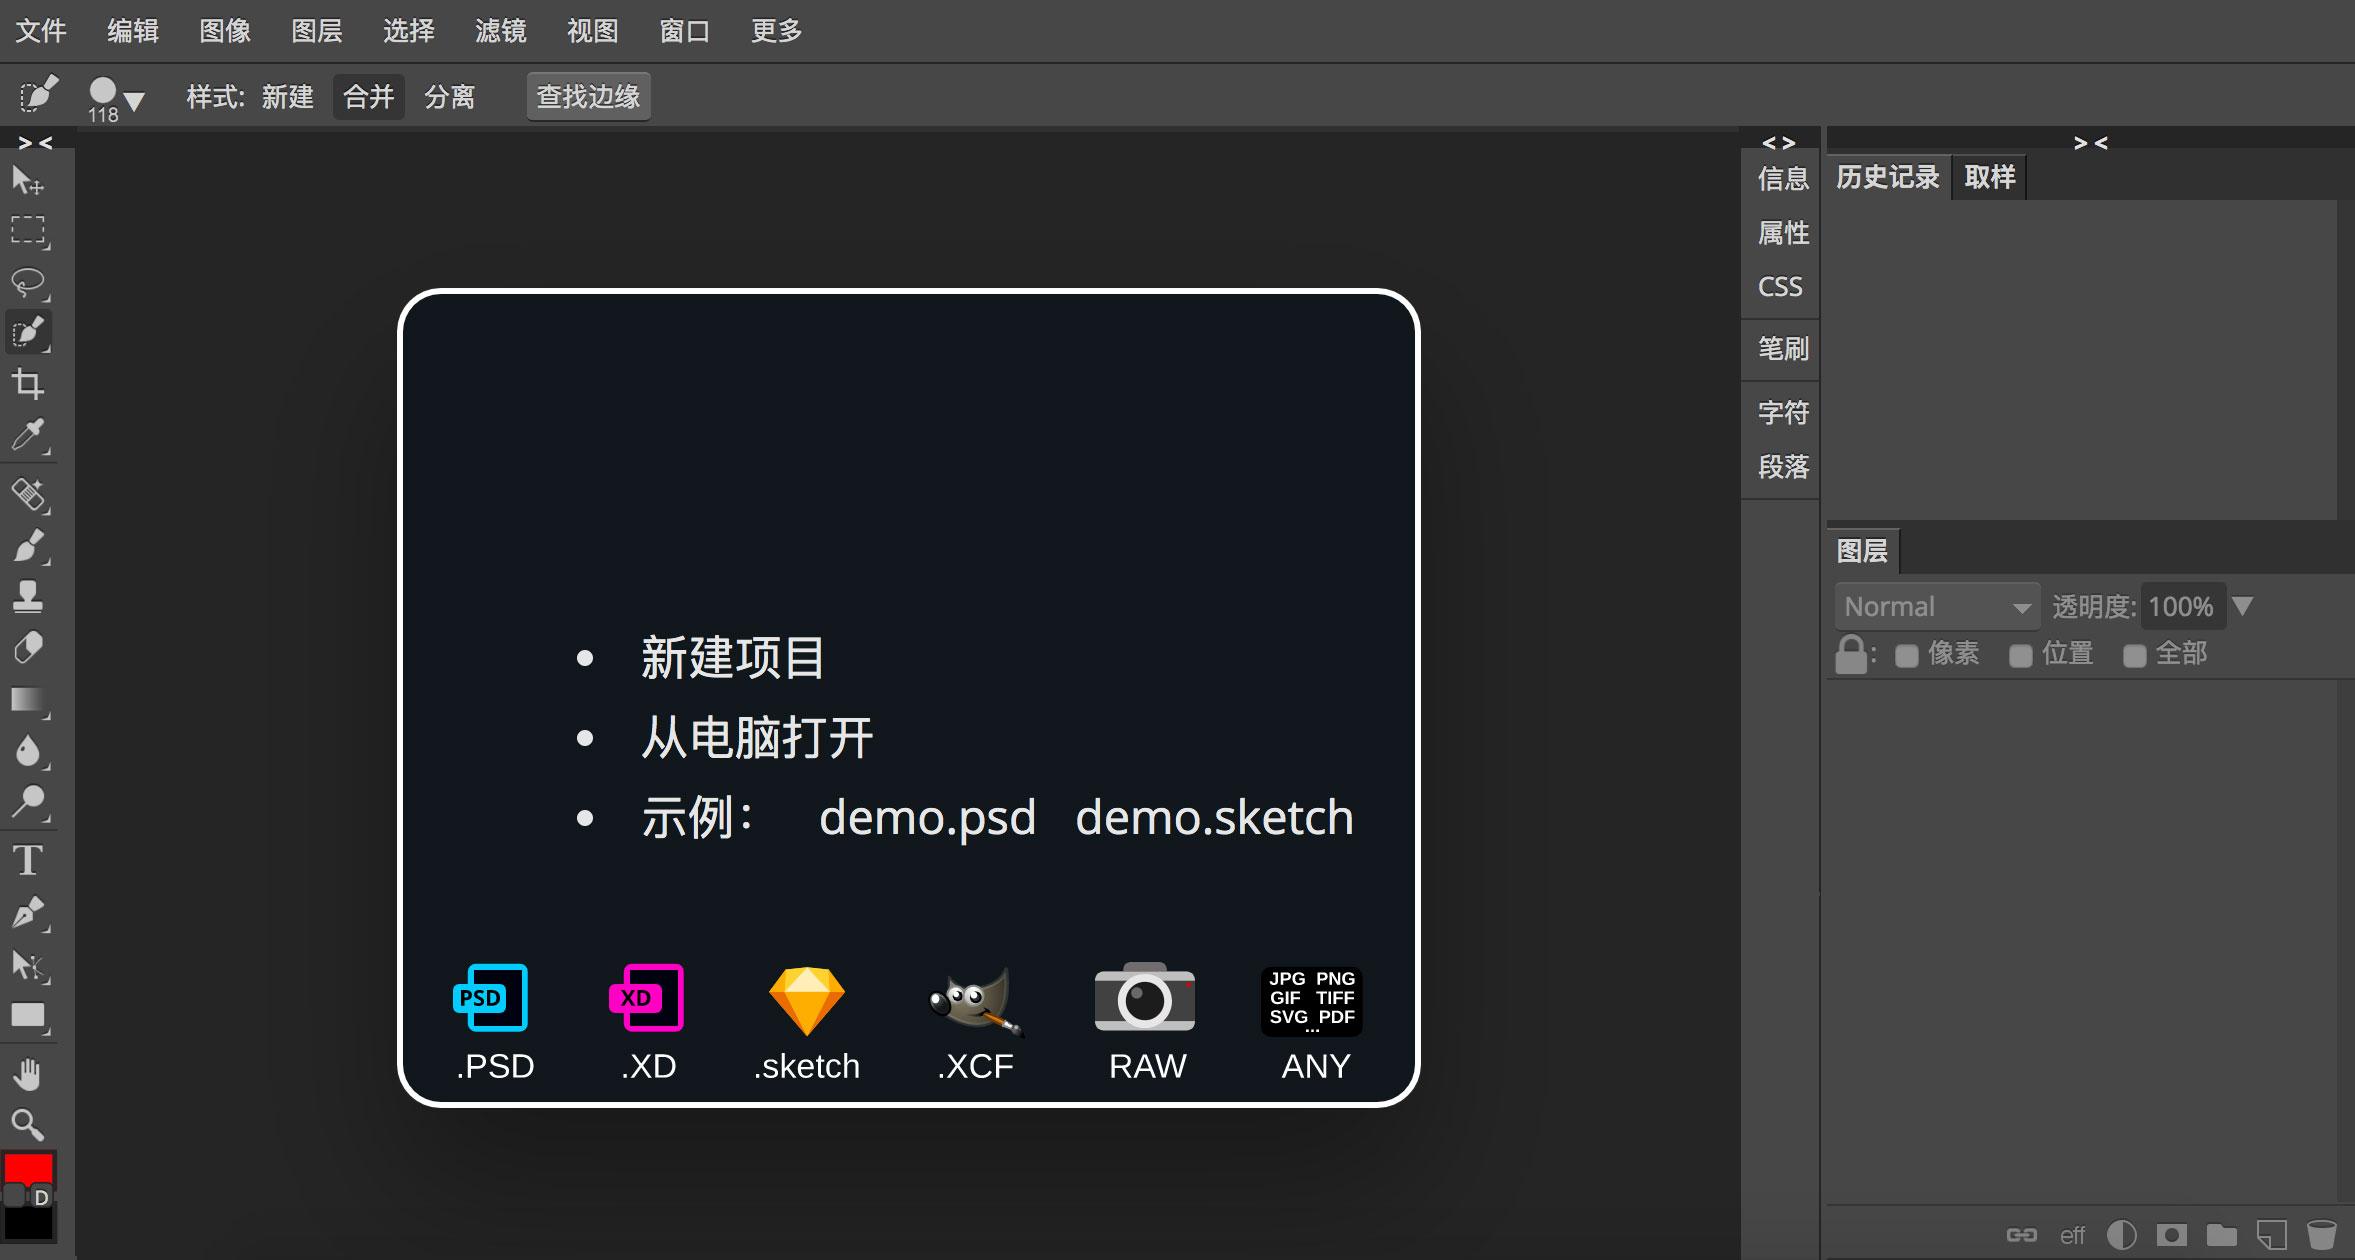 网页版 Ps 使用教程   iPhone 上如何使用 Photoshop 处理图片?